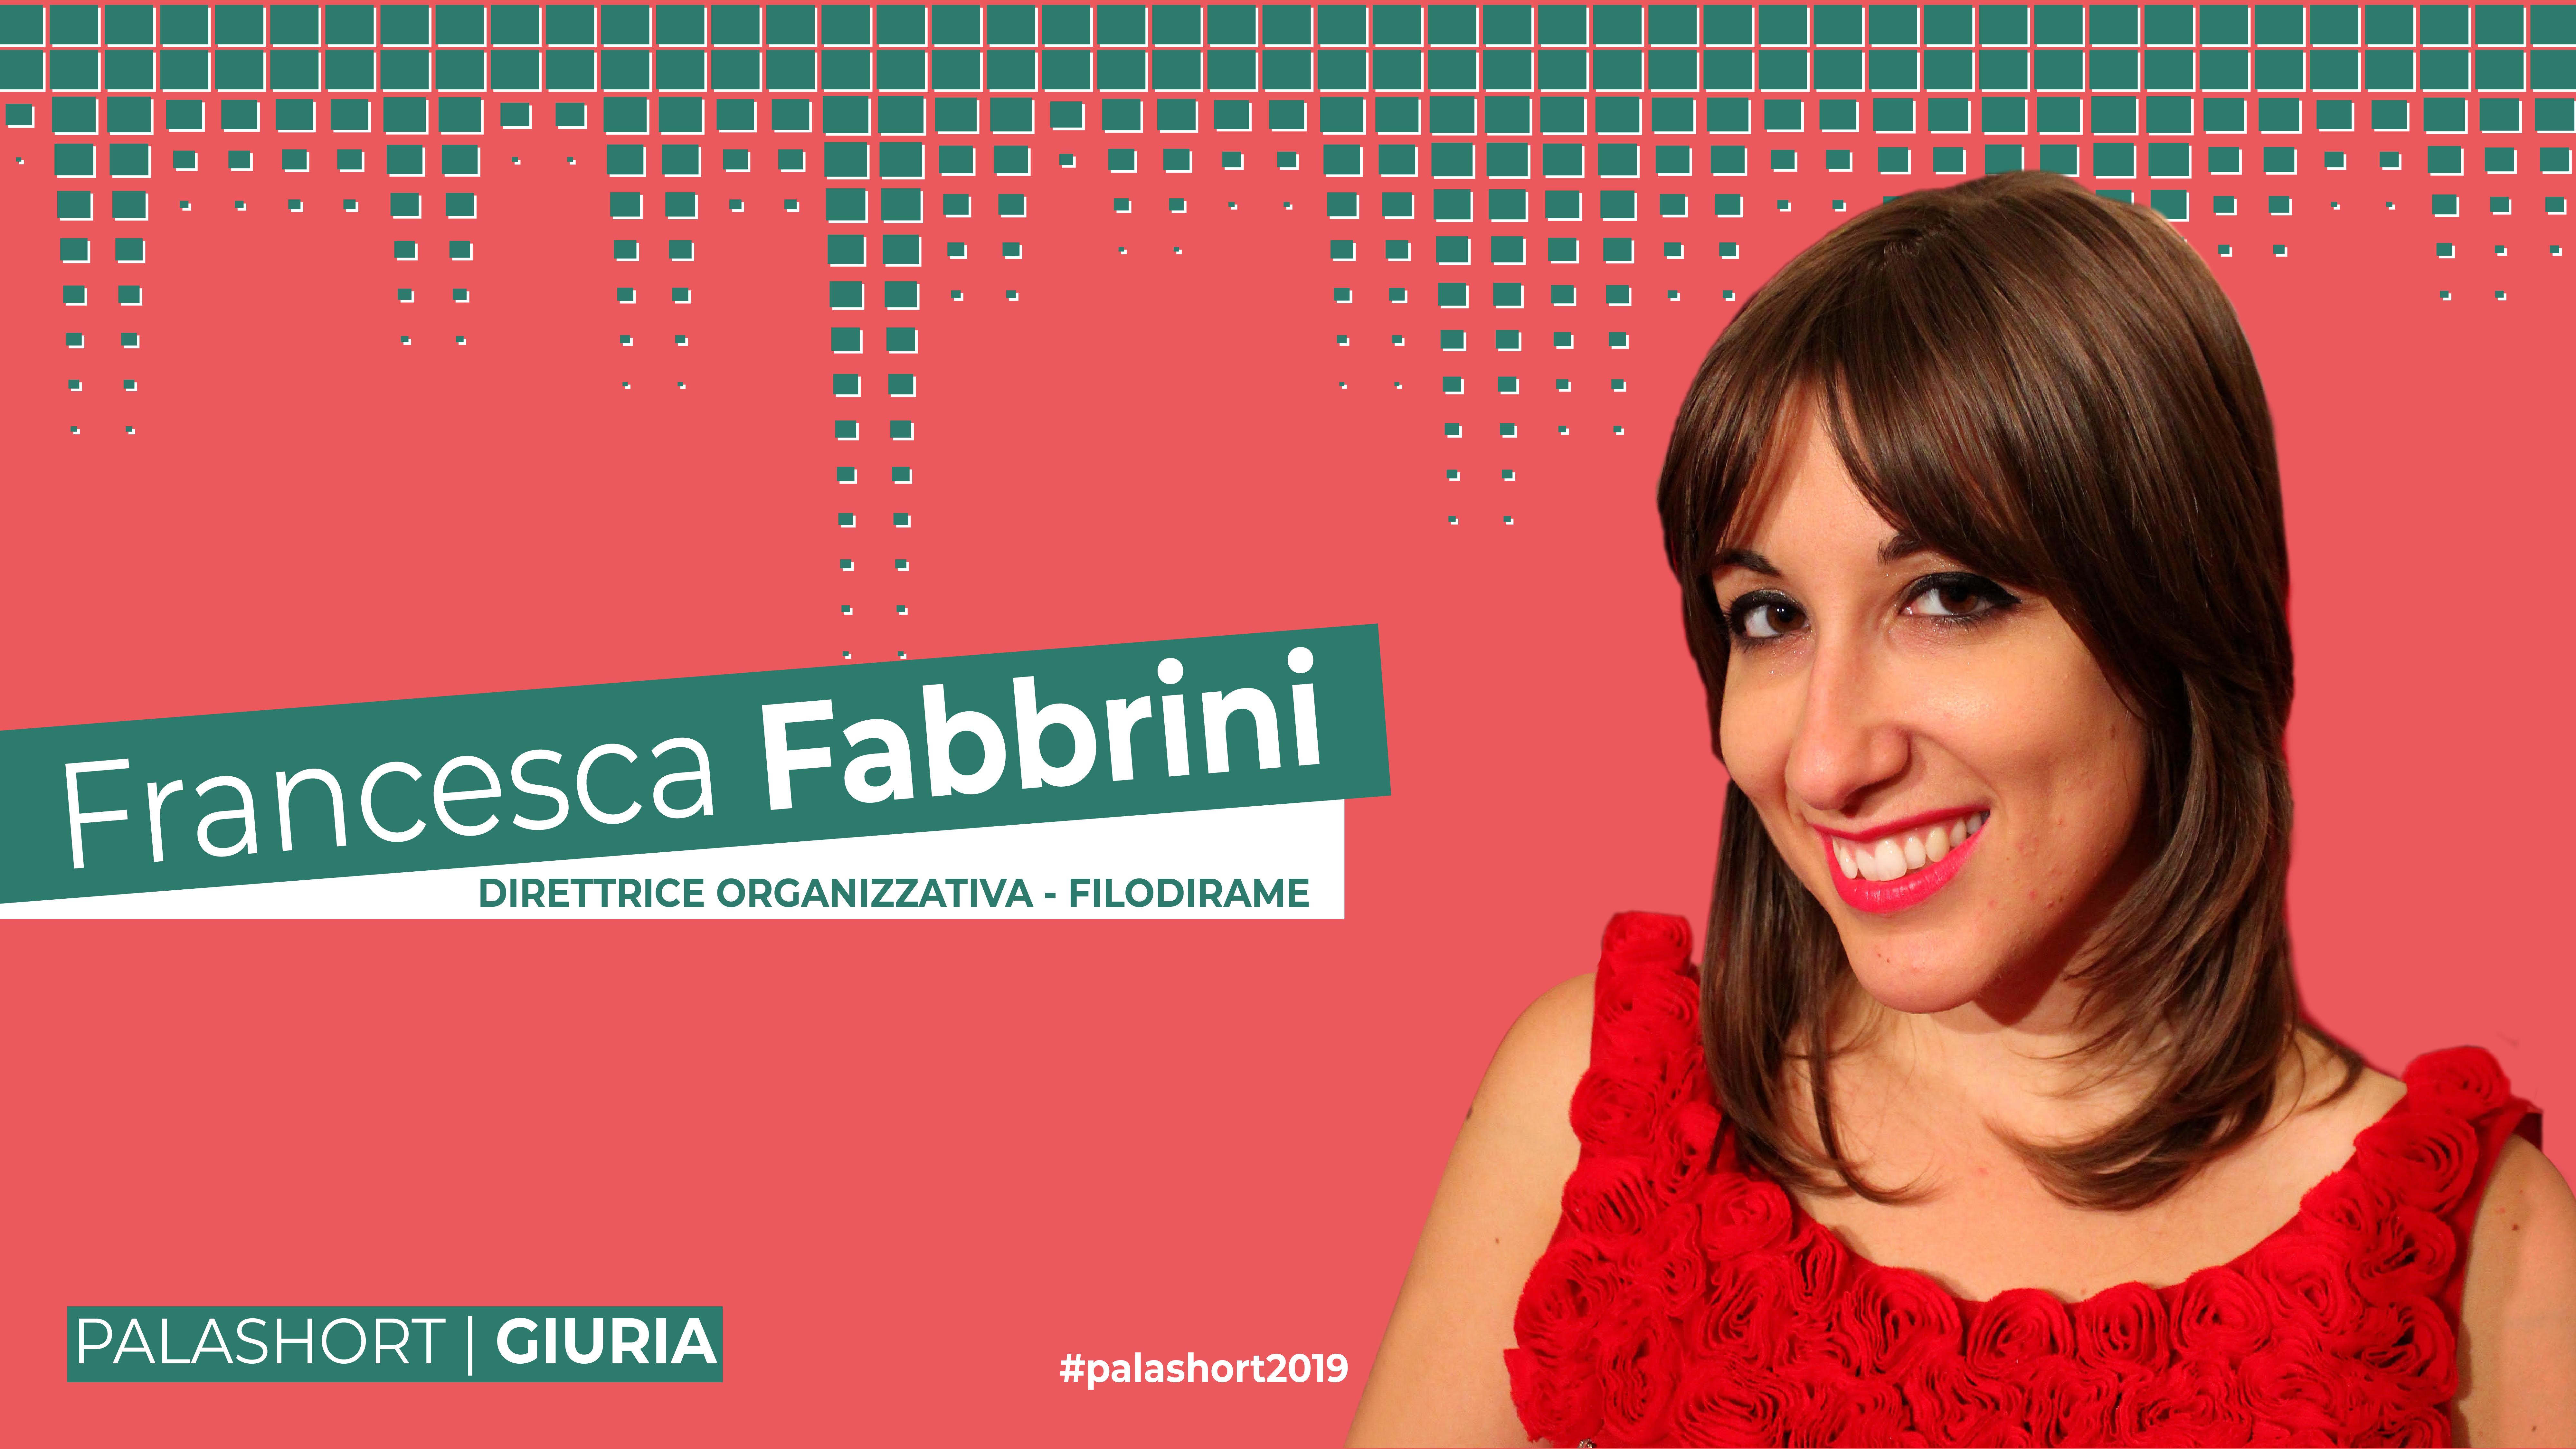 LA GIURIA DI ESPERTI DI PALASHORT: TRE DOMANDE A FRANCESCA FABBRINI!